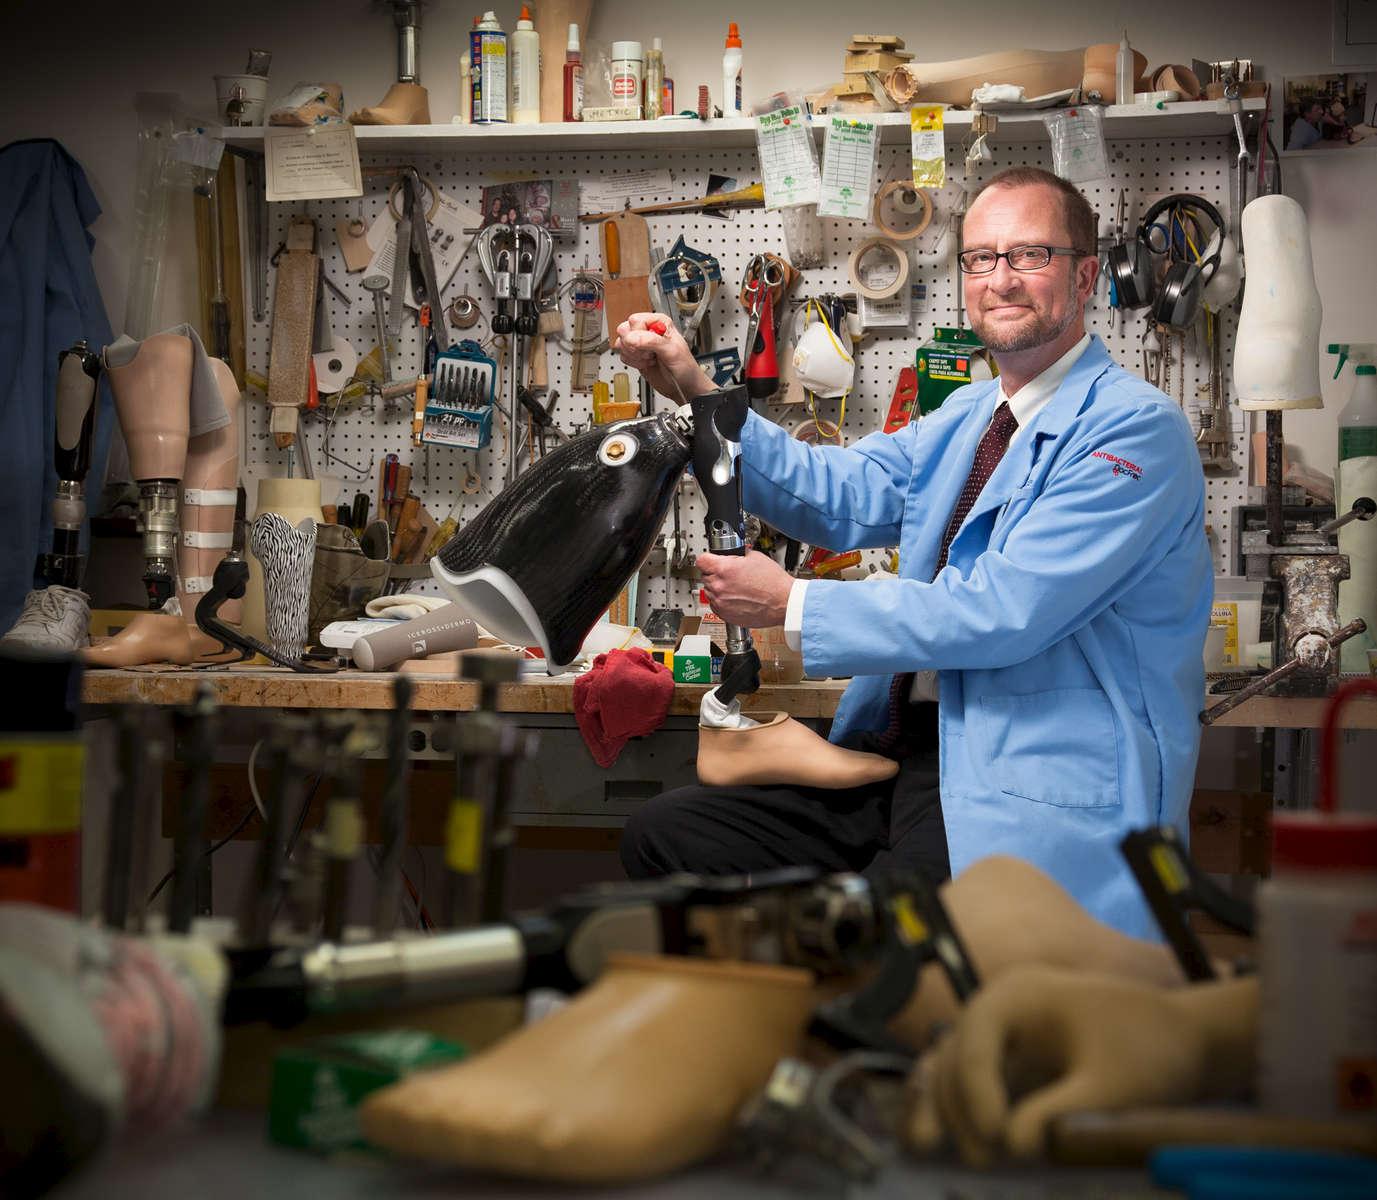 Erich Shulze - Certified Prosthetist Orthotist, Certified Pedorthist